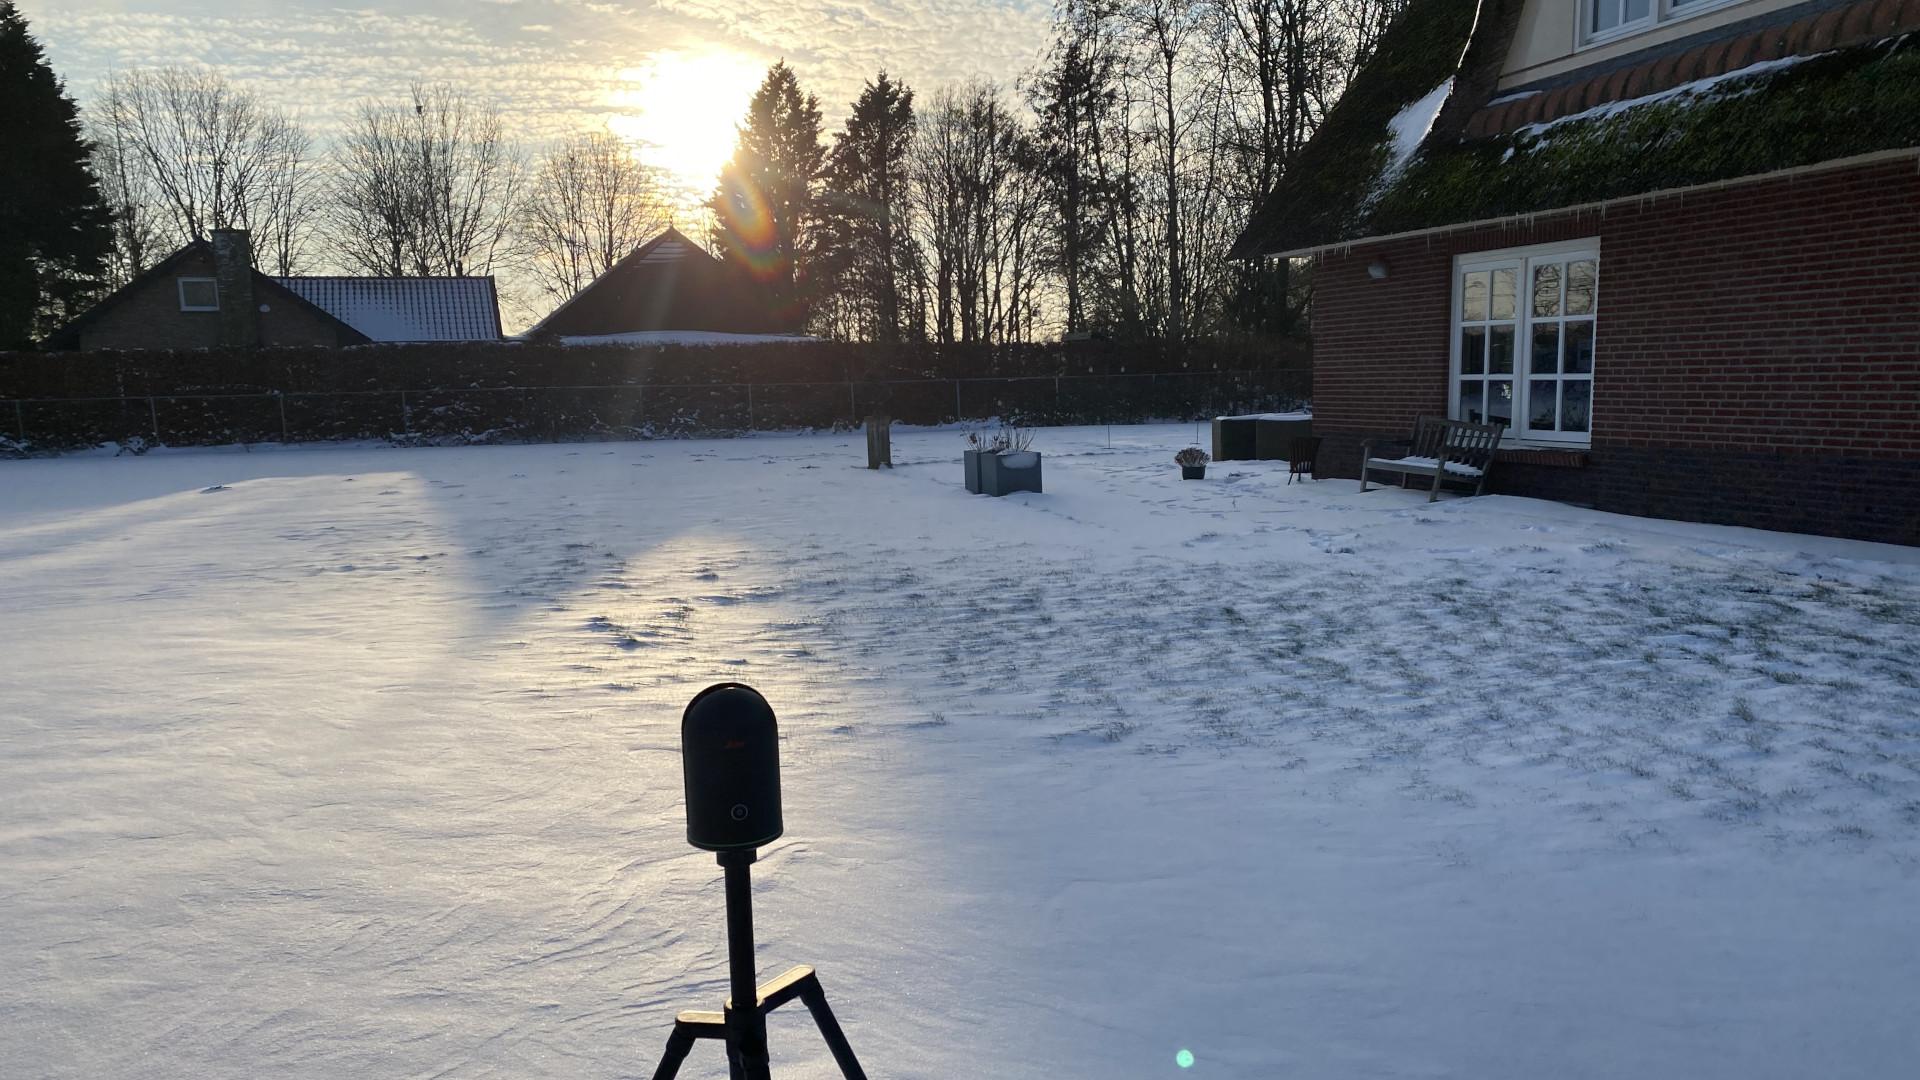 20920 woonhuis ulvenhout laserscanning.jpg